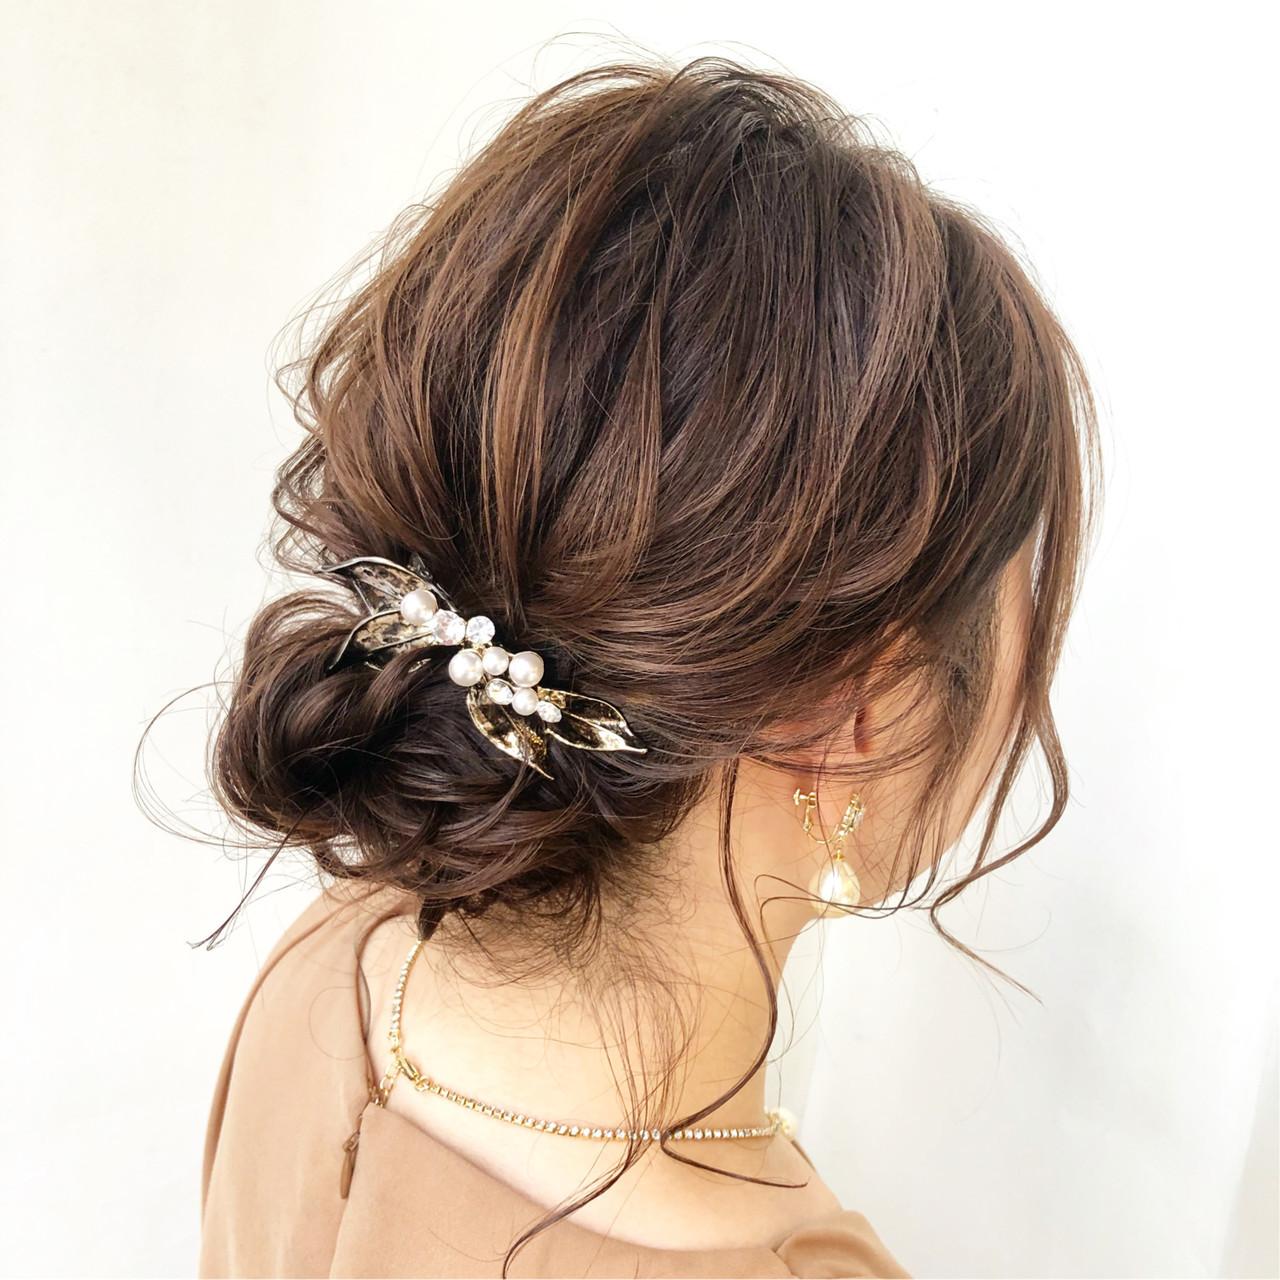 ポイント2.後れ毛を適度につくる Kaoru_ishiga